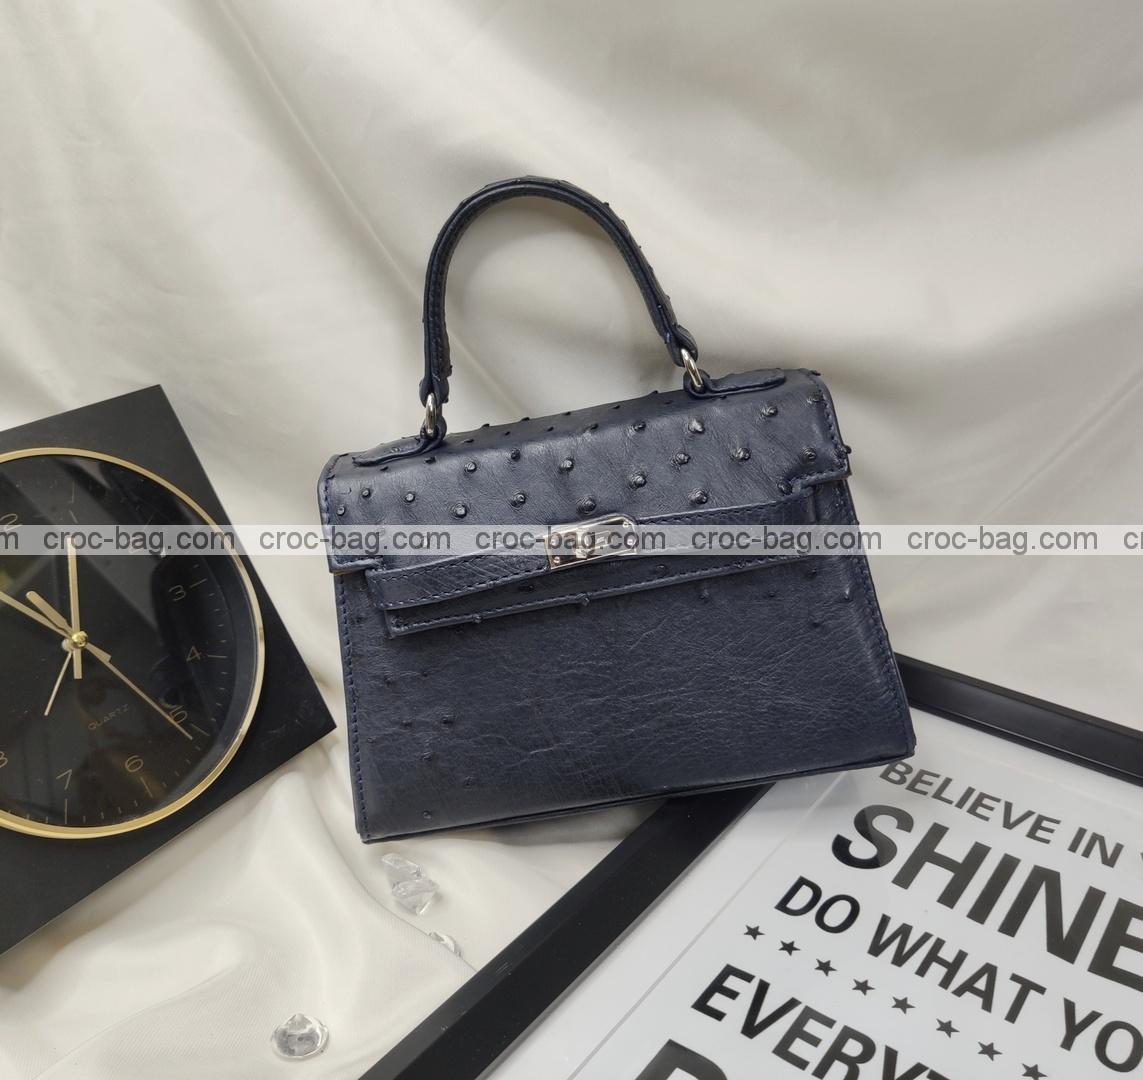 กระเป๋าหนังนกกระจอกเทศหรับผู้หญิง 5434